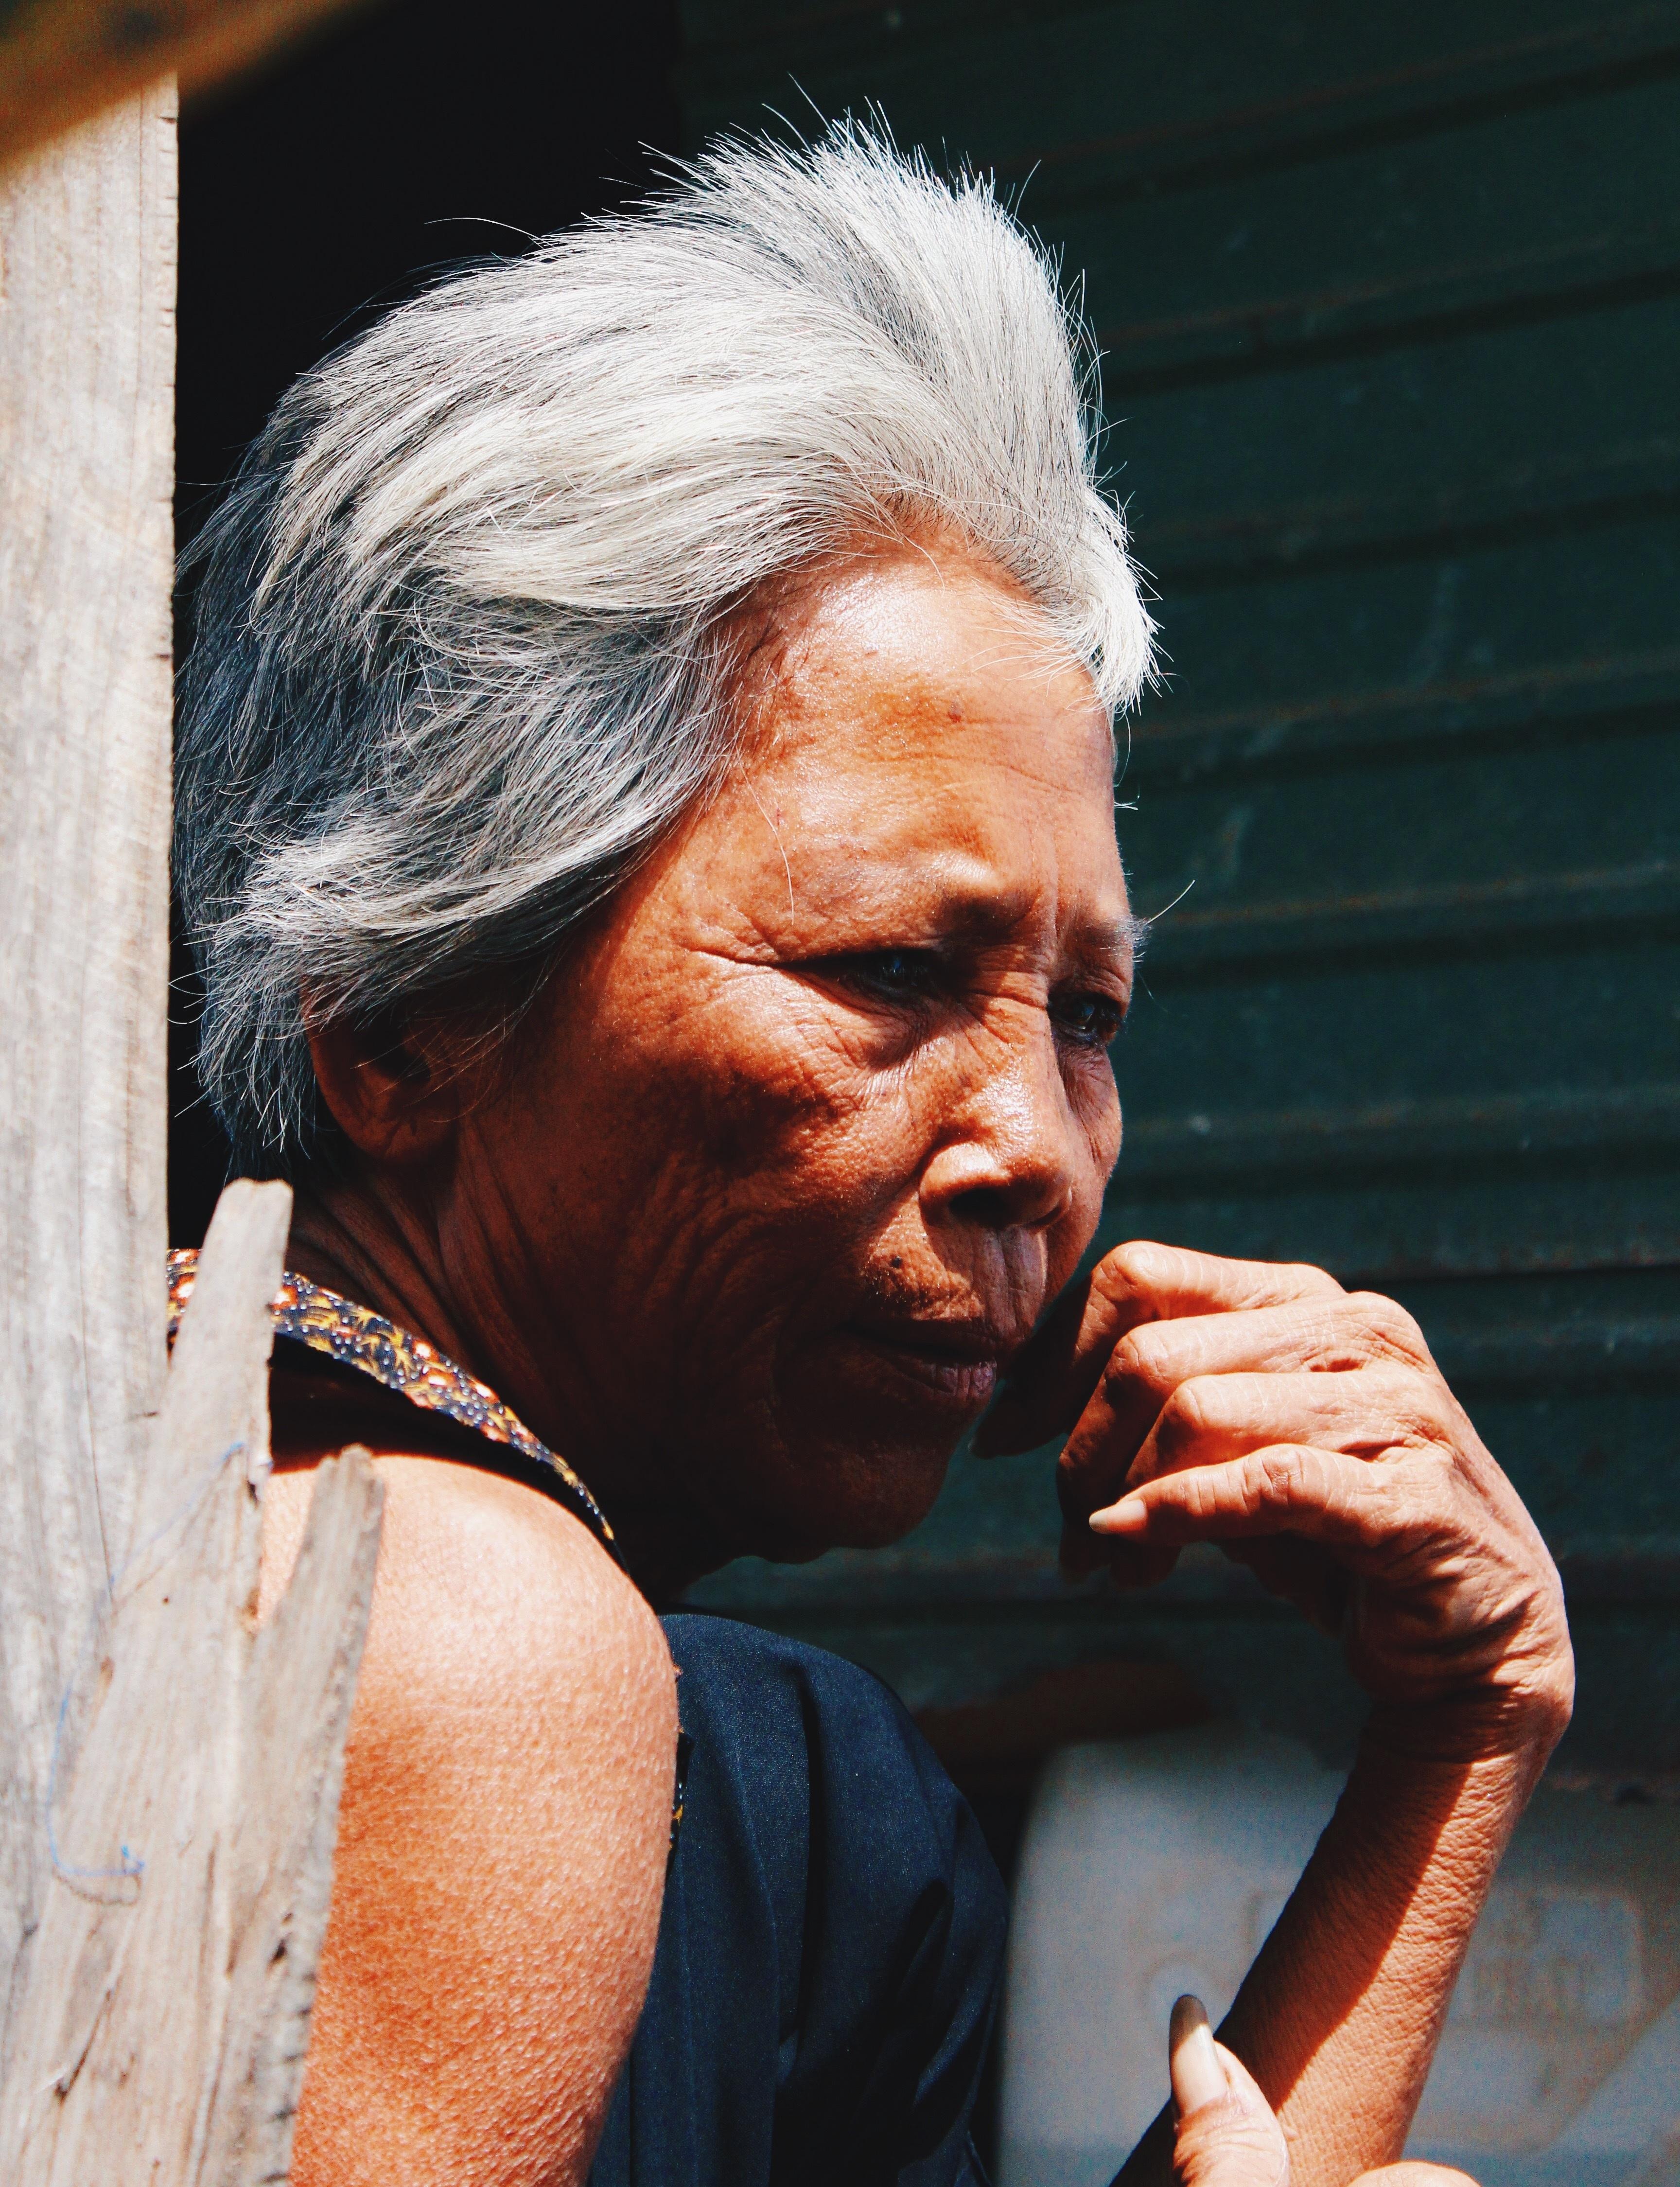 8ea0944d93 Férfi személy nő haj régi férfi női portré szürke hölgy arckifejezés  frizura nagymama idősebb arc orr